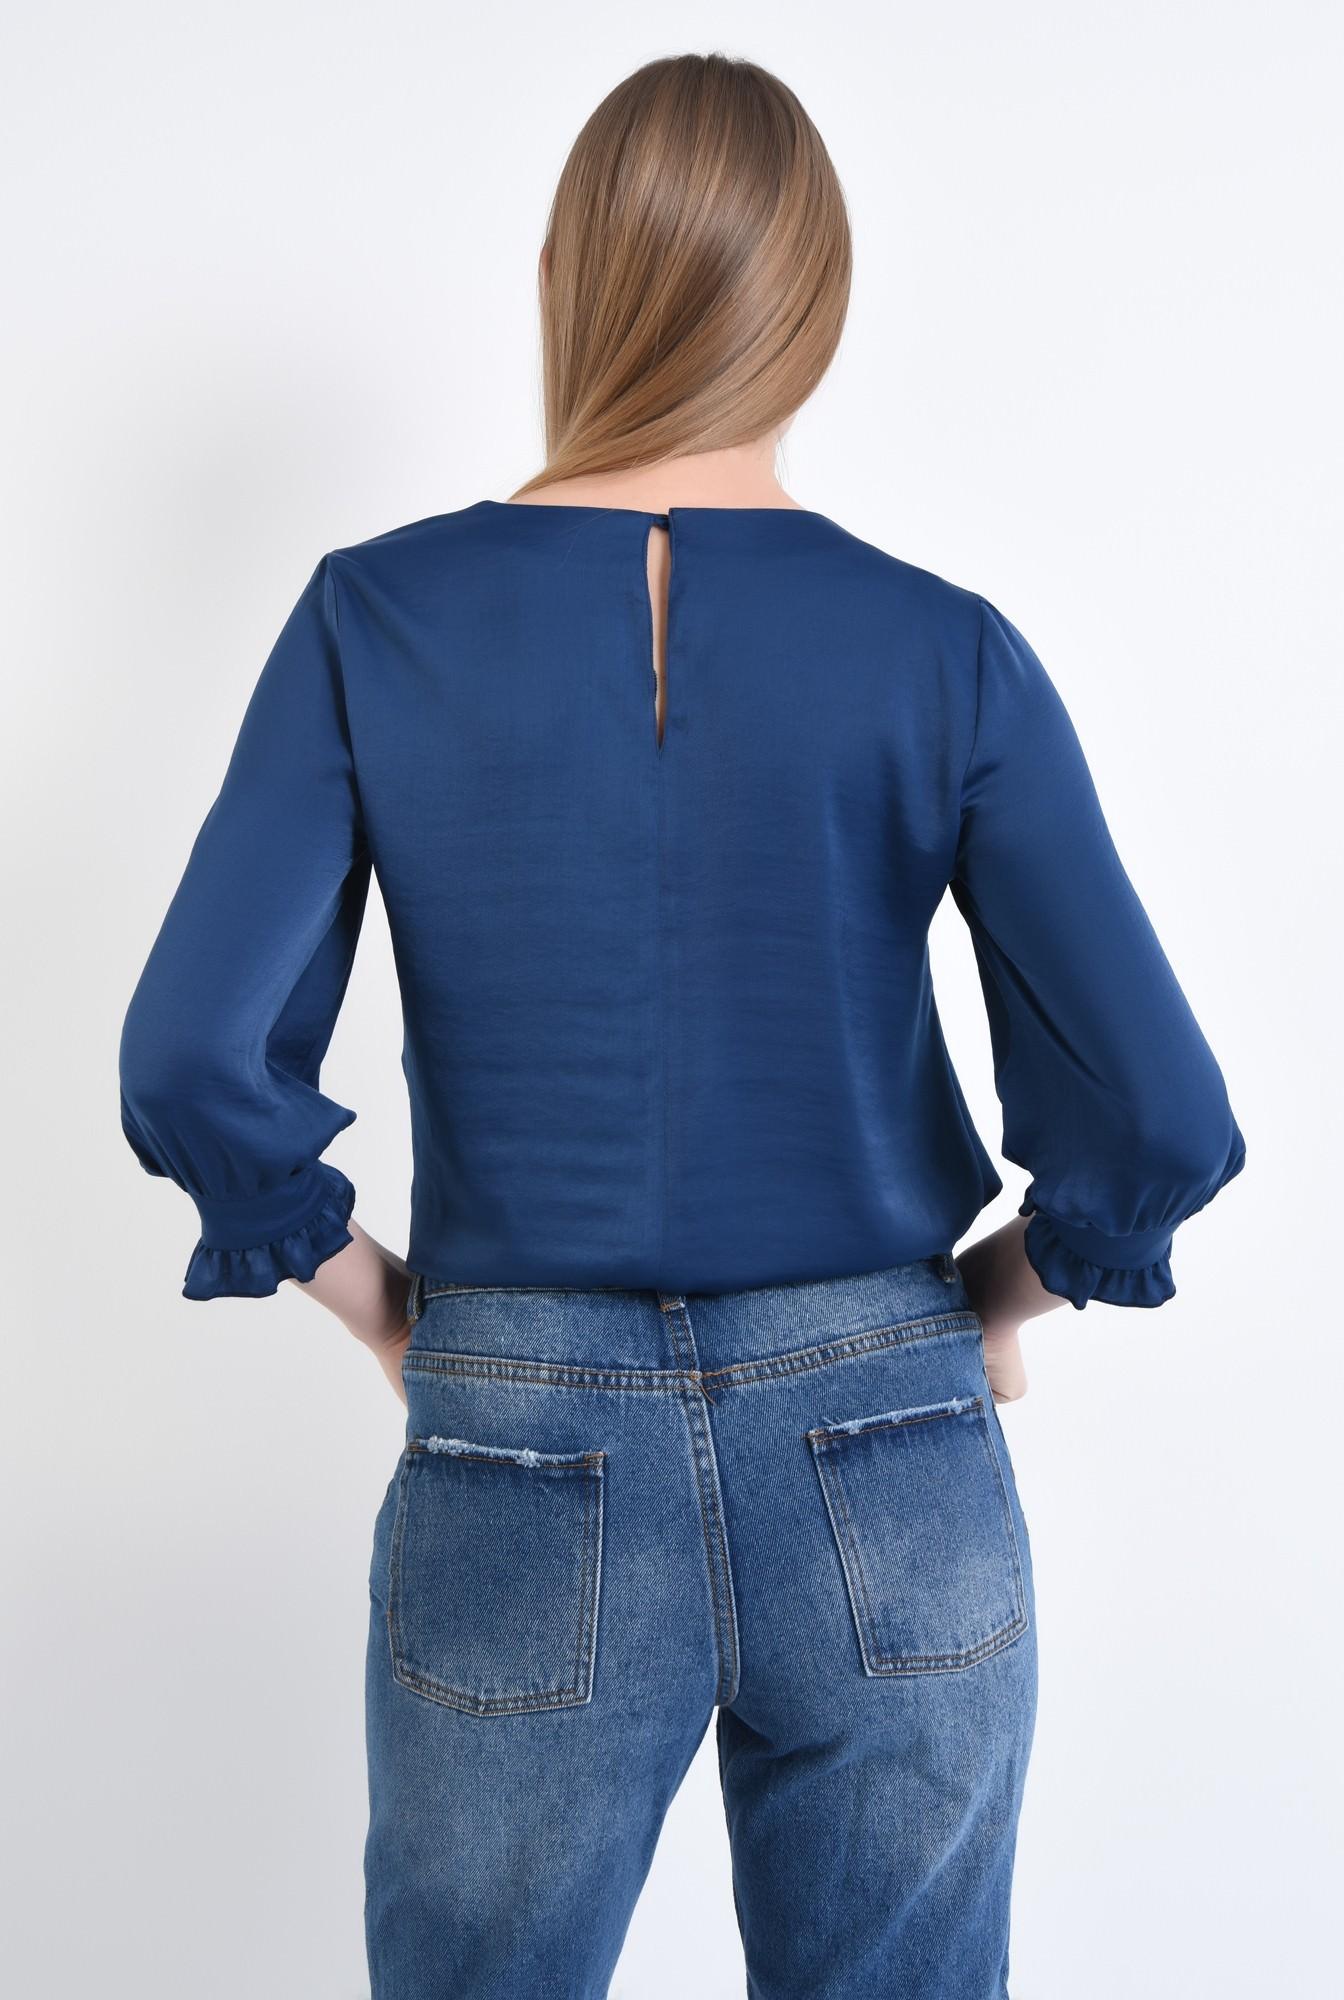 1 - Bluza casual, bleumarin, maneci bufante